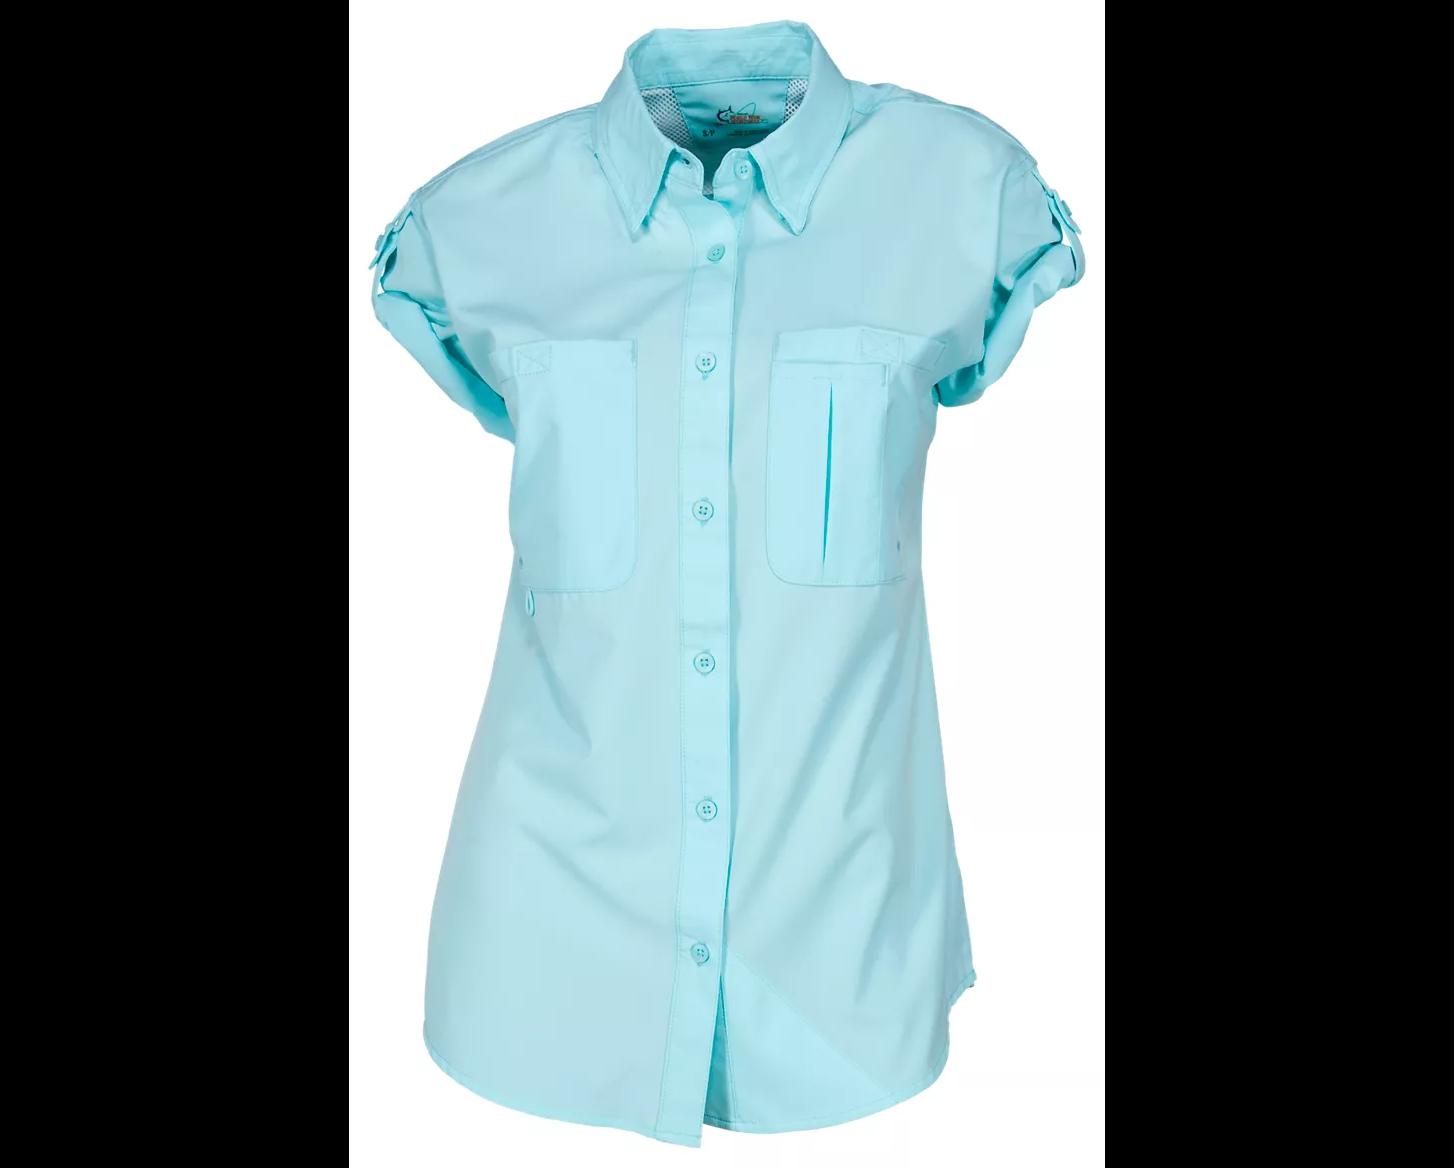 The shirt in aqua splash